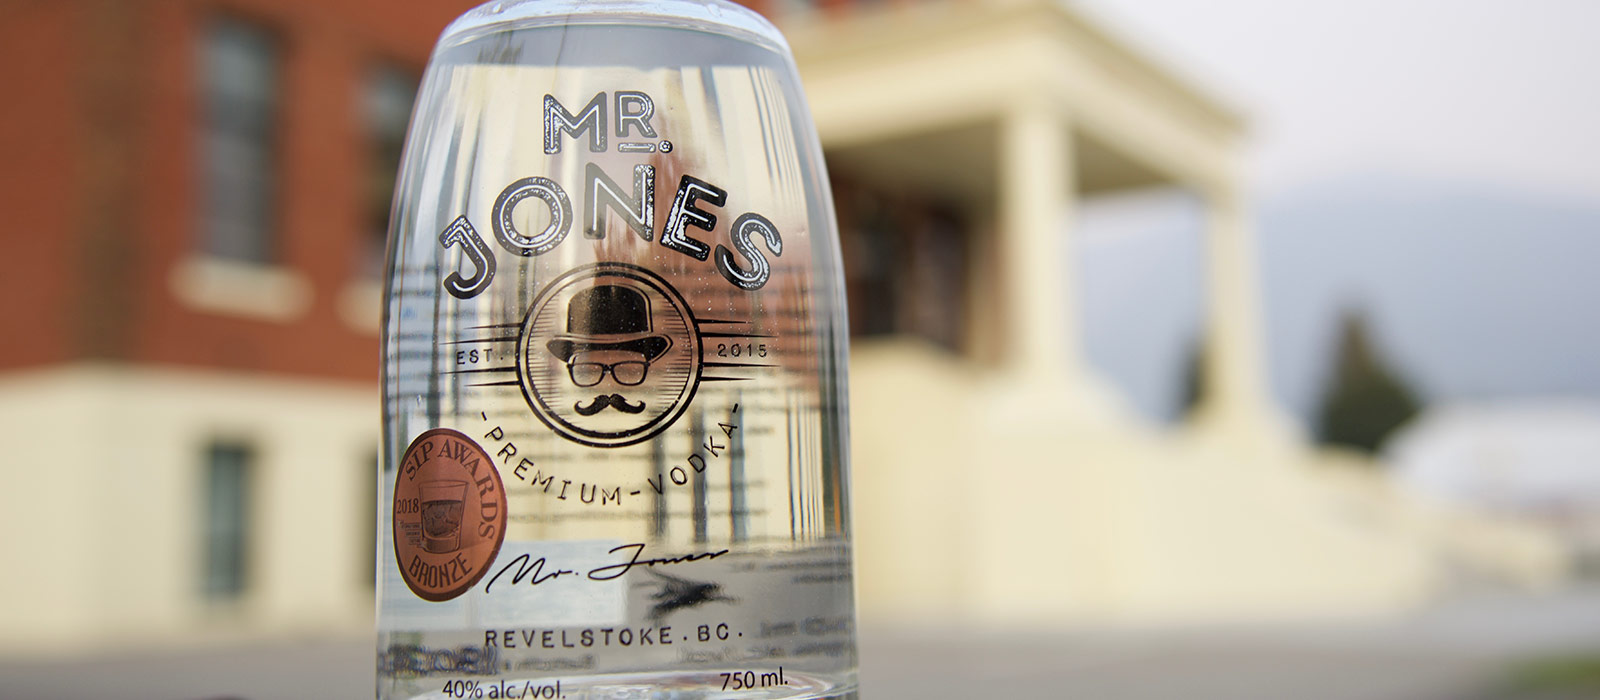 Revelstoke Distilling Tastings and Tours